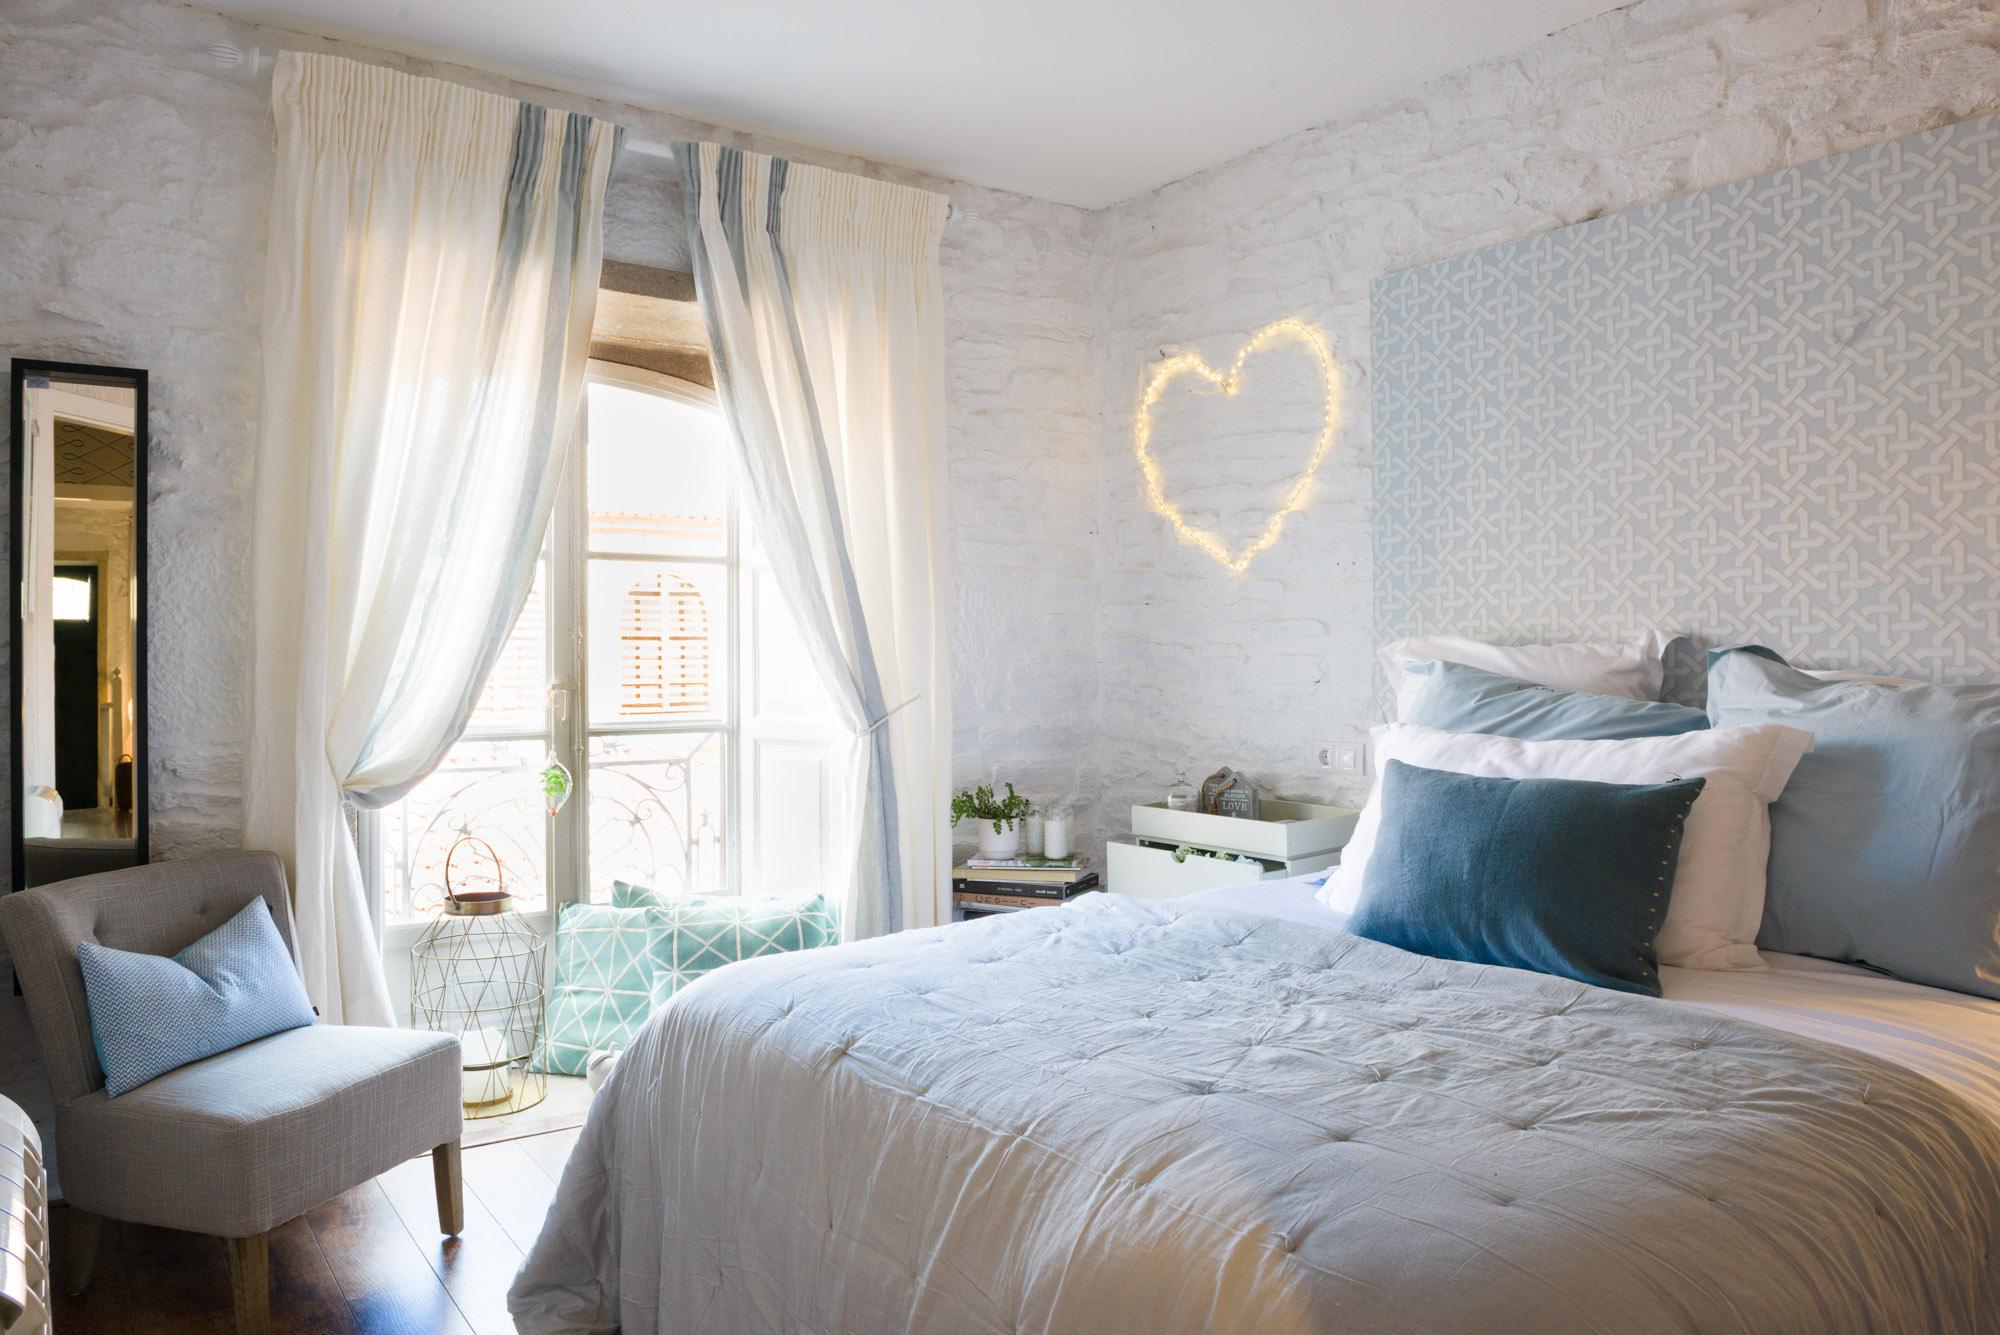 Fotografía de interiores-dormitorio showroom Myka deco-Santiago de Compostela